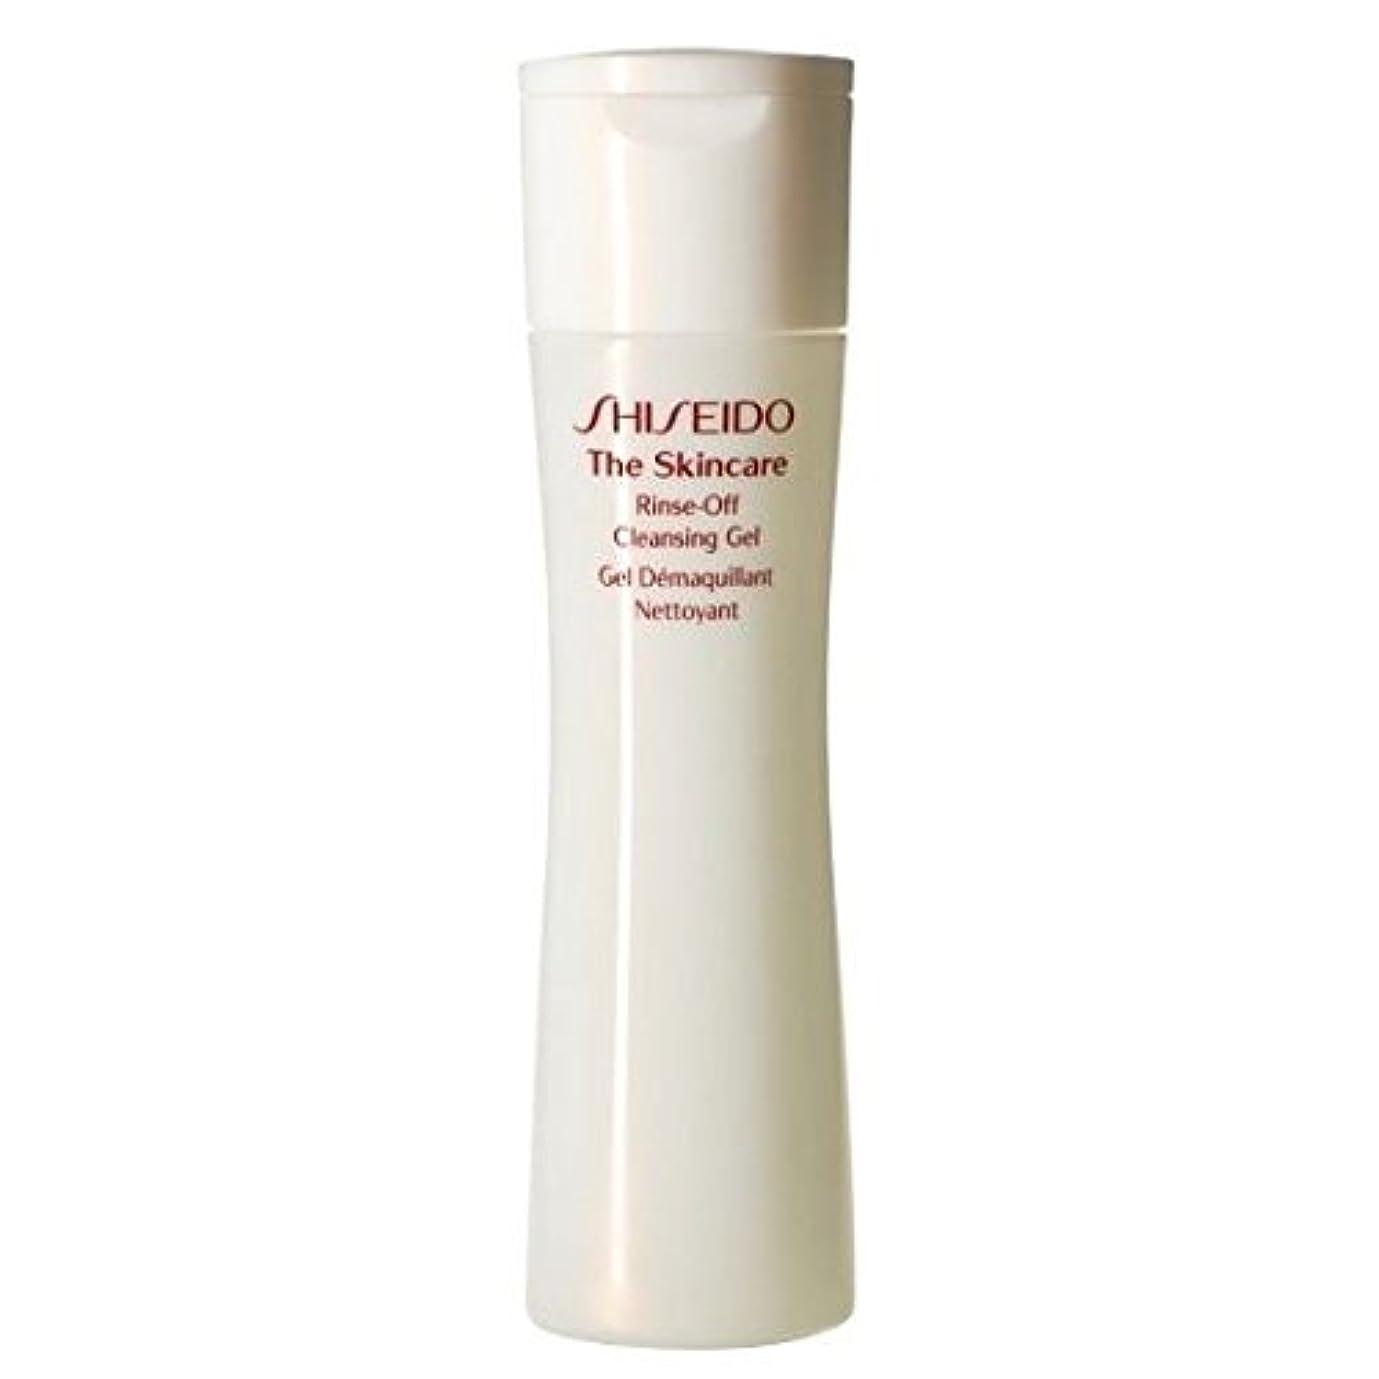 それに応じて芸術テレマコス[Shiseido] スキンケアリンスオフクレンジングジェル、200ミリリットルを資生堂 - Shiseido The Skincare Rinse-Off Cleansing Gel, 200ml [並行輸入品]